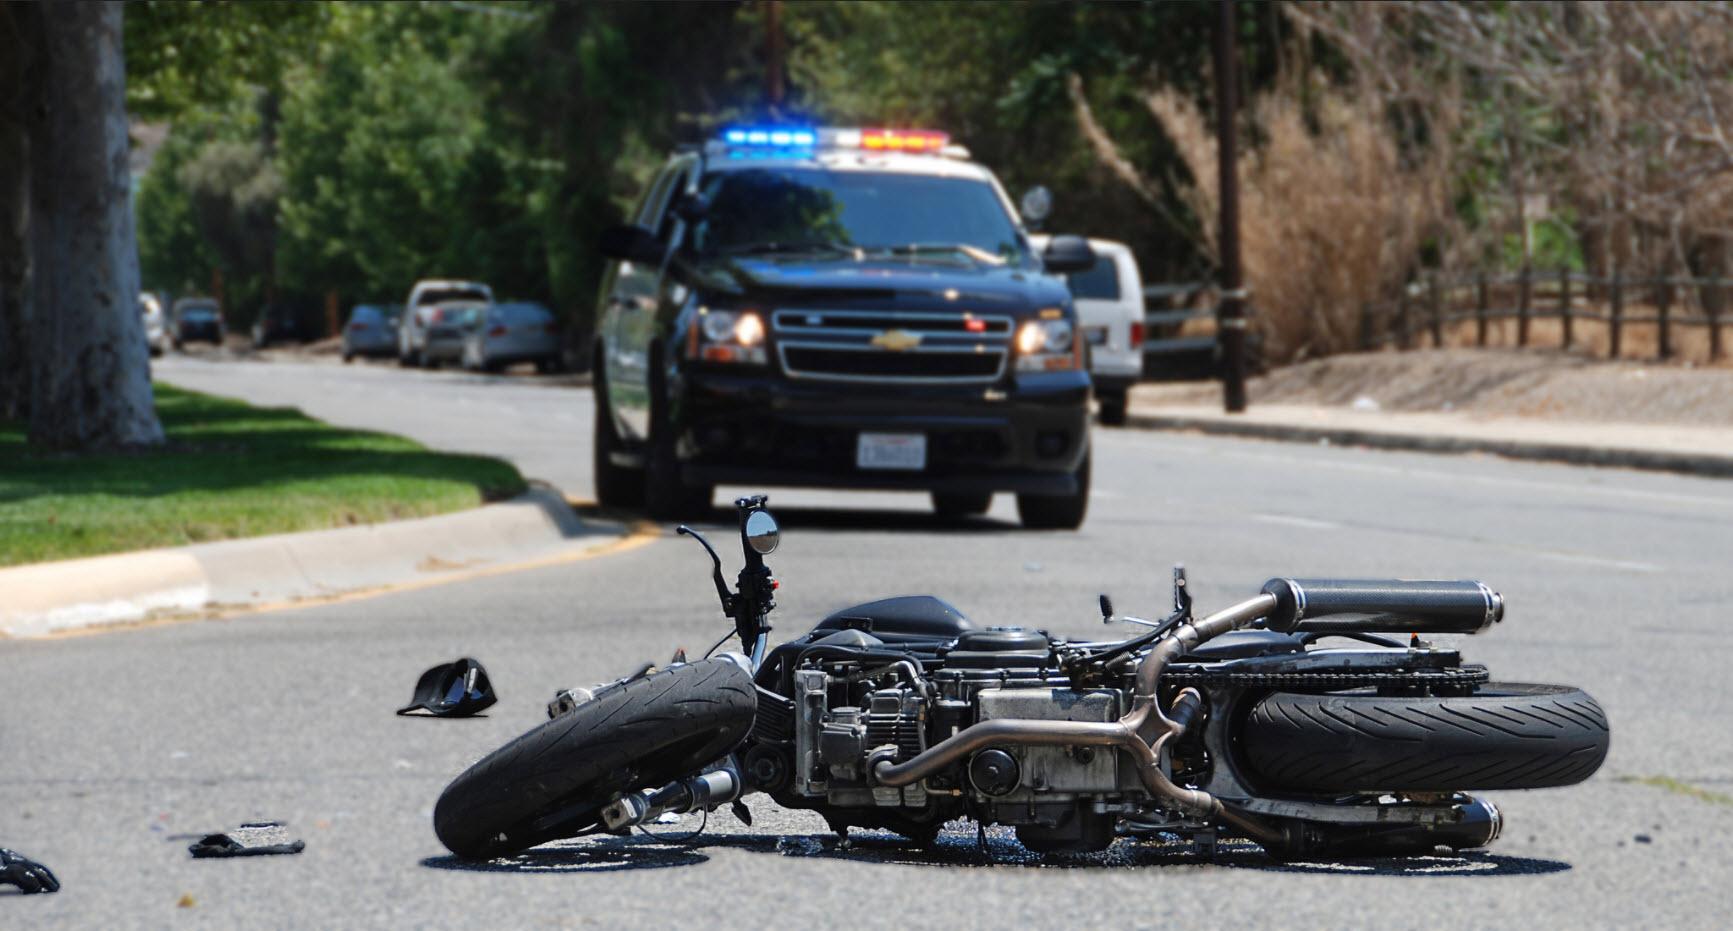 Abogados de Accidentes de Motocicleta en Houston, TX